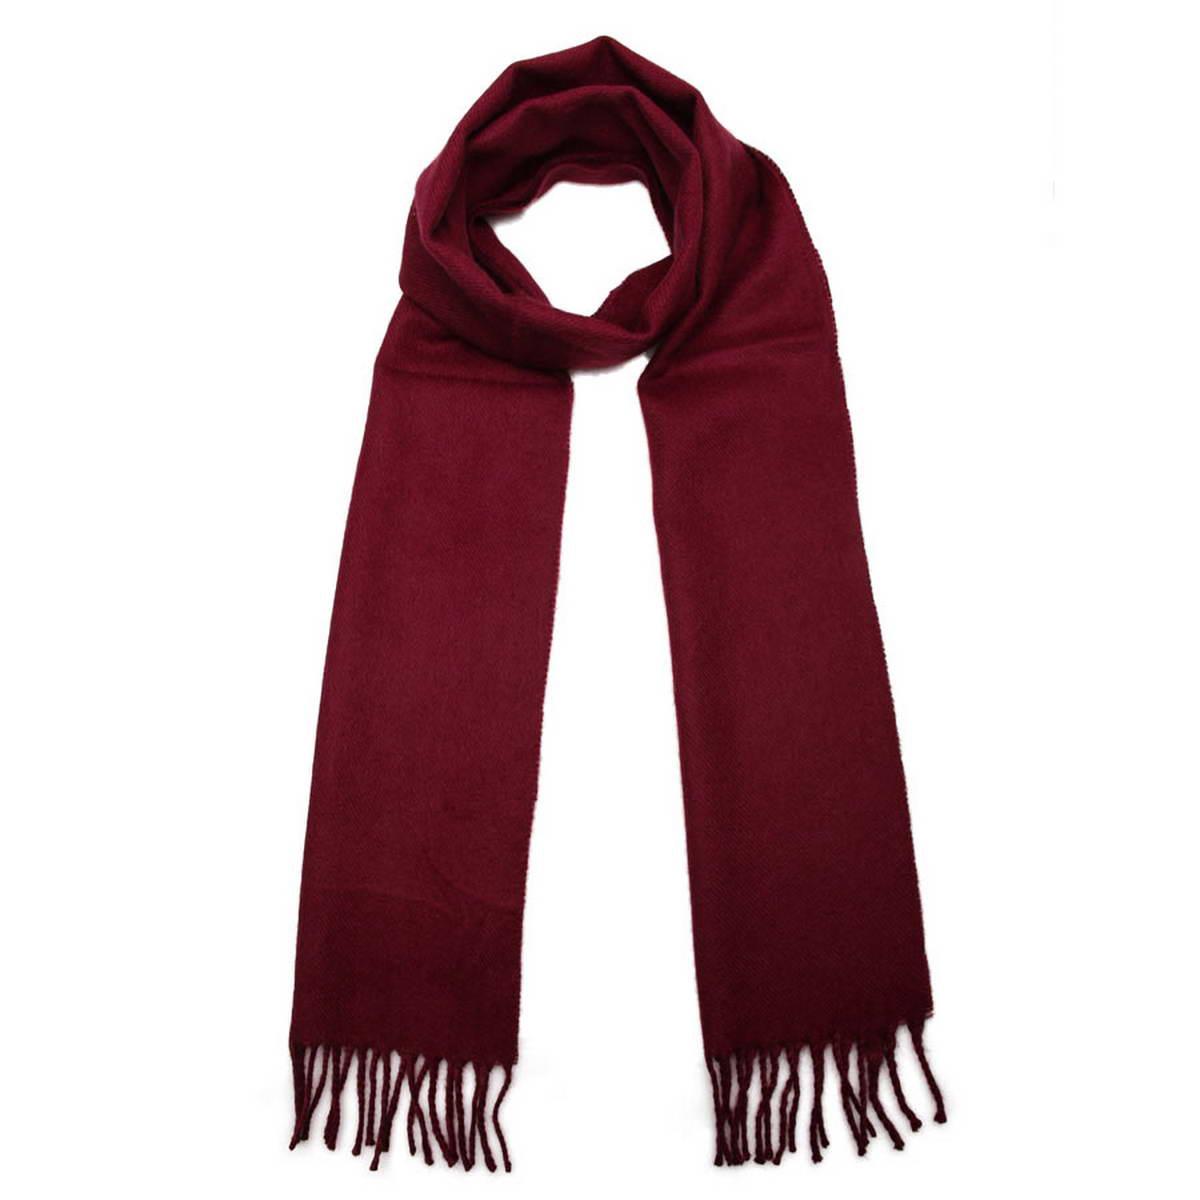 5003132-11Элегантный мужской шарф Venera согреет вас в холодное время года, а также станет изысканным аксессуаром, который призван подчеркнуть ваш стиль и индивидуальность. Оригинальный теплый шарф выполнен из высококачественной пряжи из шерсти и акрила. Однотонный шарф имеет строгую классическую расцветку и дополнен жгутиками по краю. Такой шарф станет превосходным дополнением к любому наряду, защитит вас от ветра и холода и позволит вам создать свой неповторимый стиль.